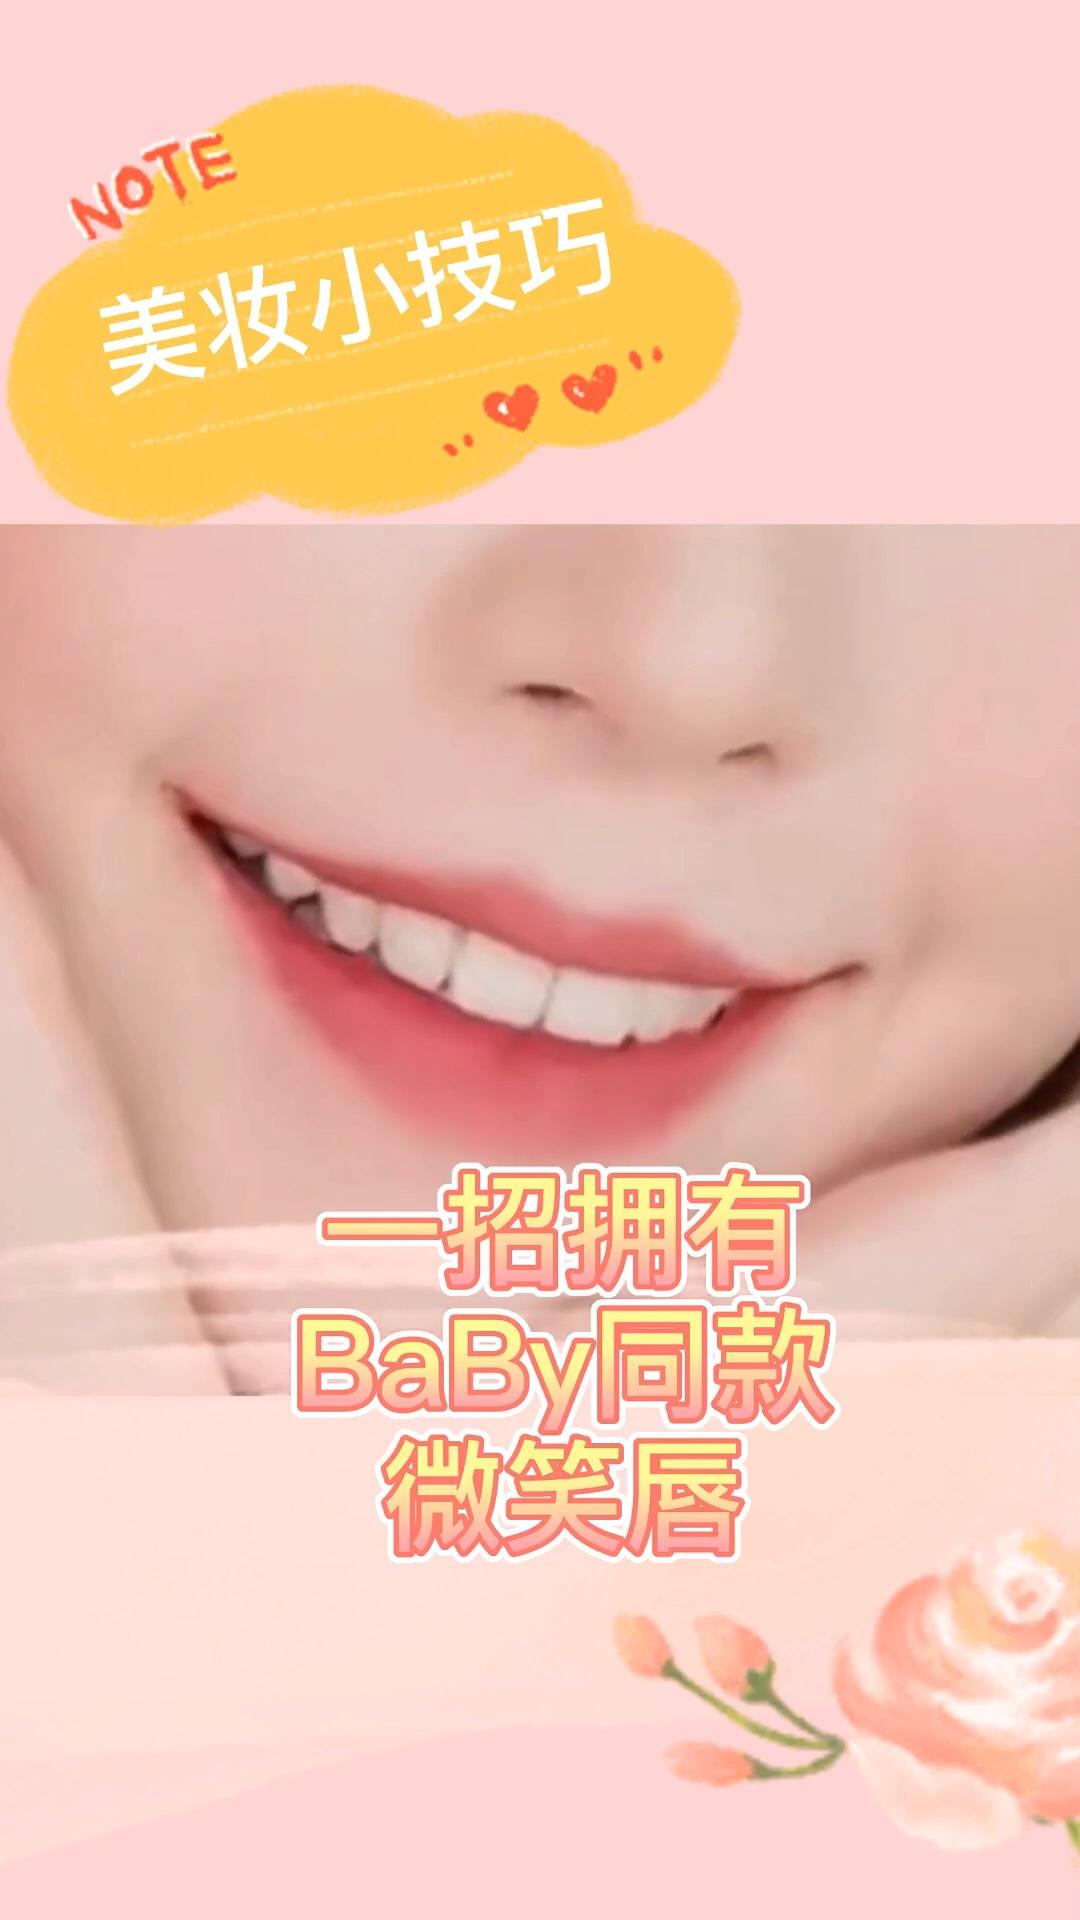 一招教你拥有baby同款微笑唇。爱笑的嘴唇运气一定很好哦!😉 #我的独门化妆技巧#